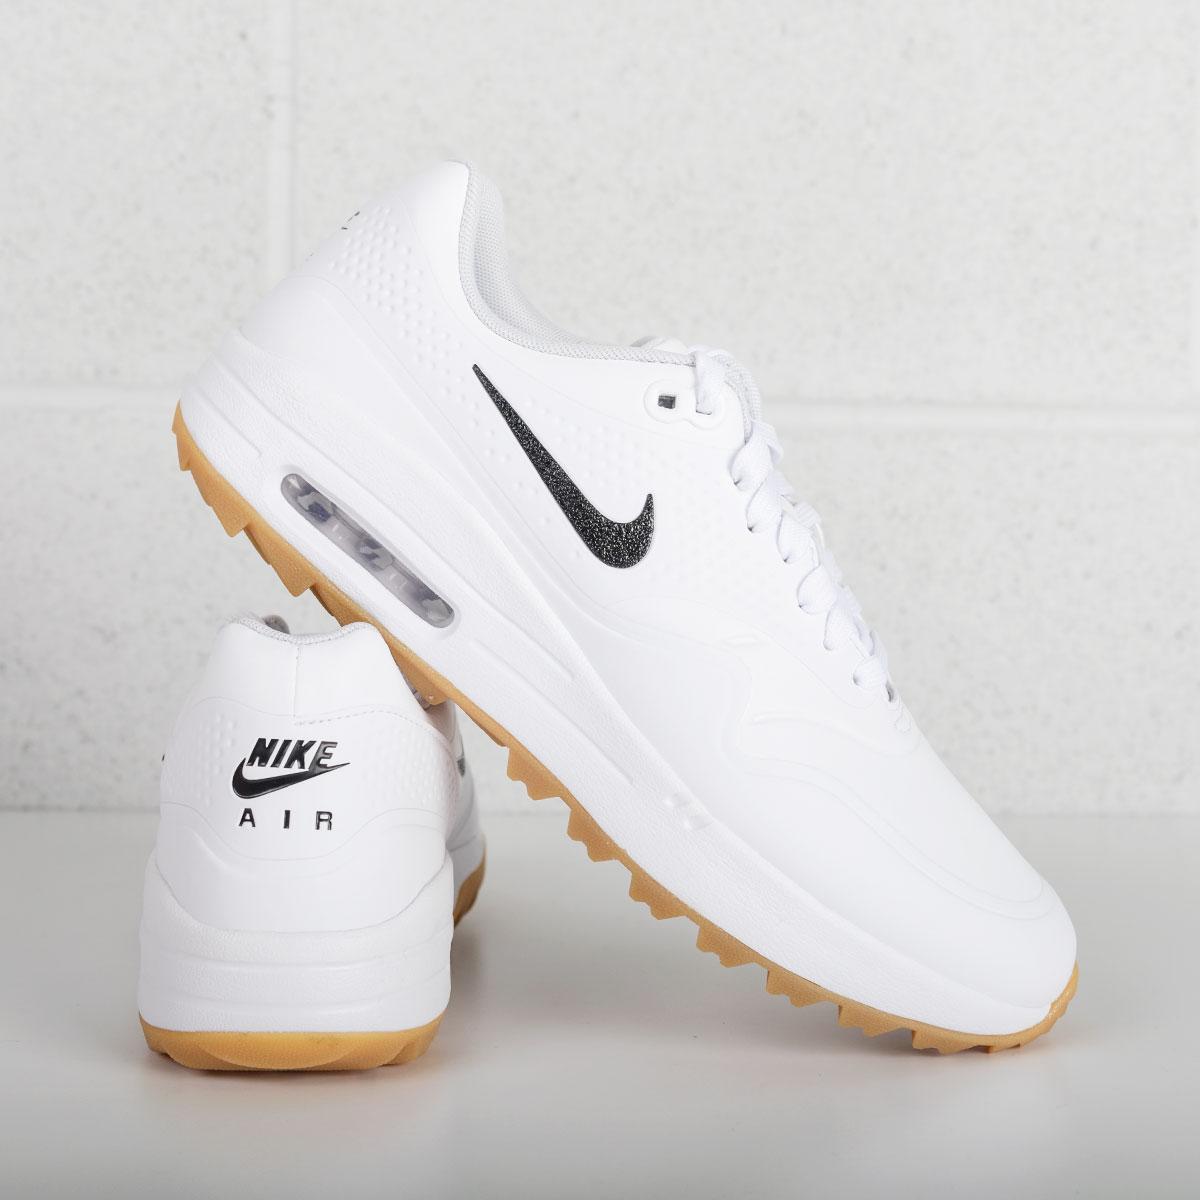 cheaper ebf72 9eb67 ... Nike Air Max 1G S9 ...